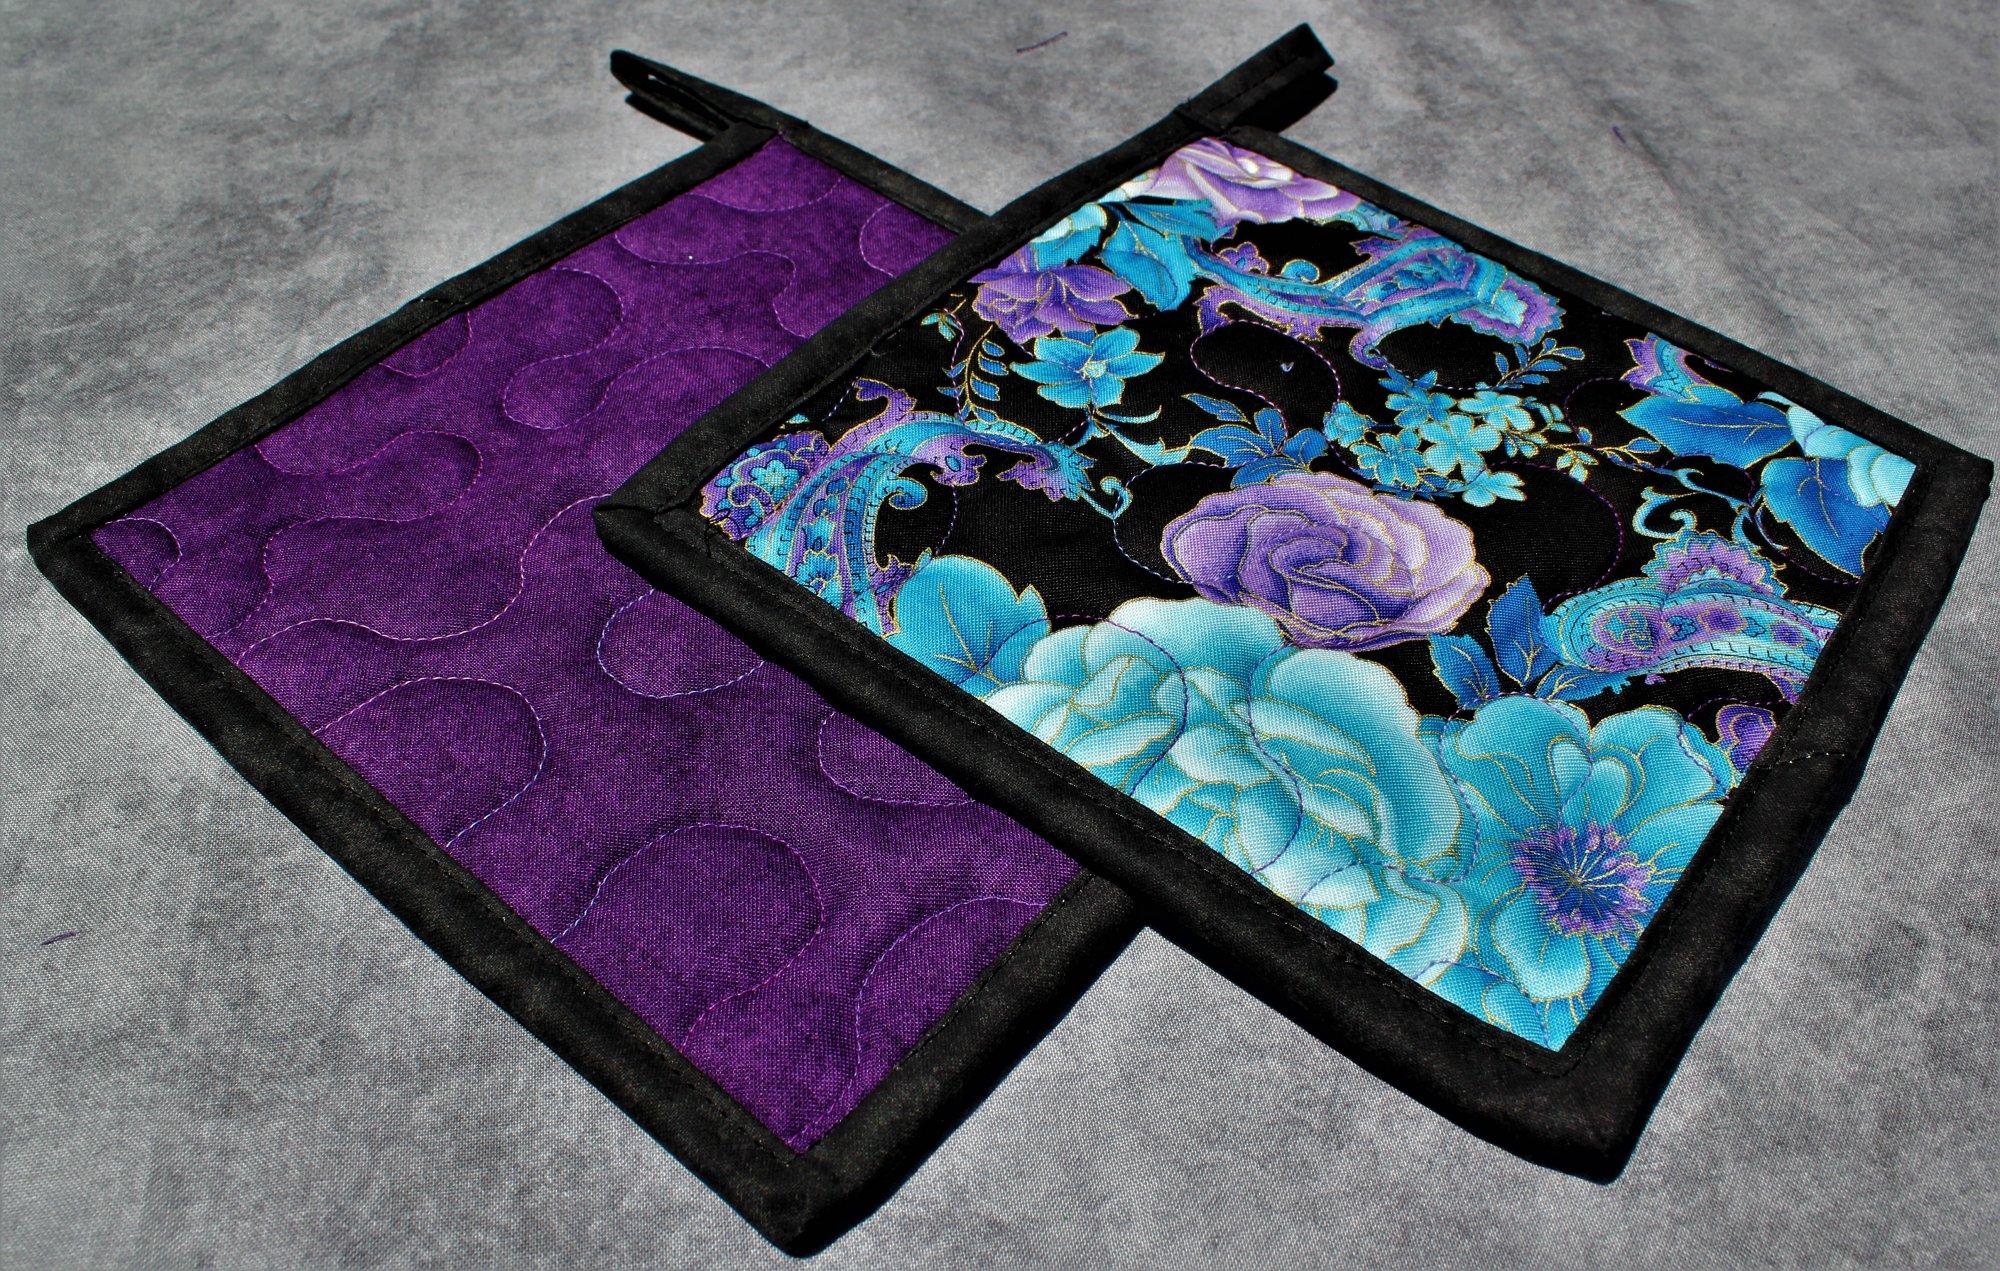 Blue/Purple/Black Flowers and Paisleys Potholders Set of 2